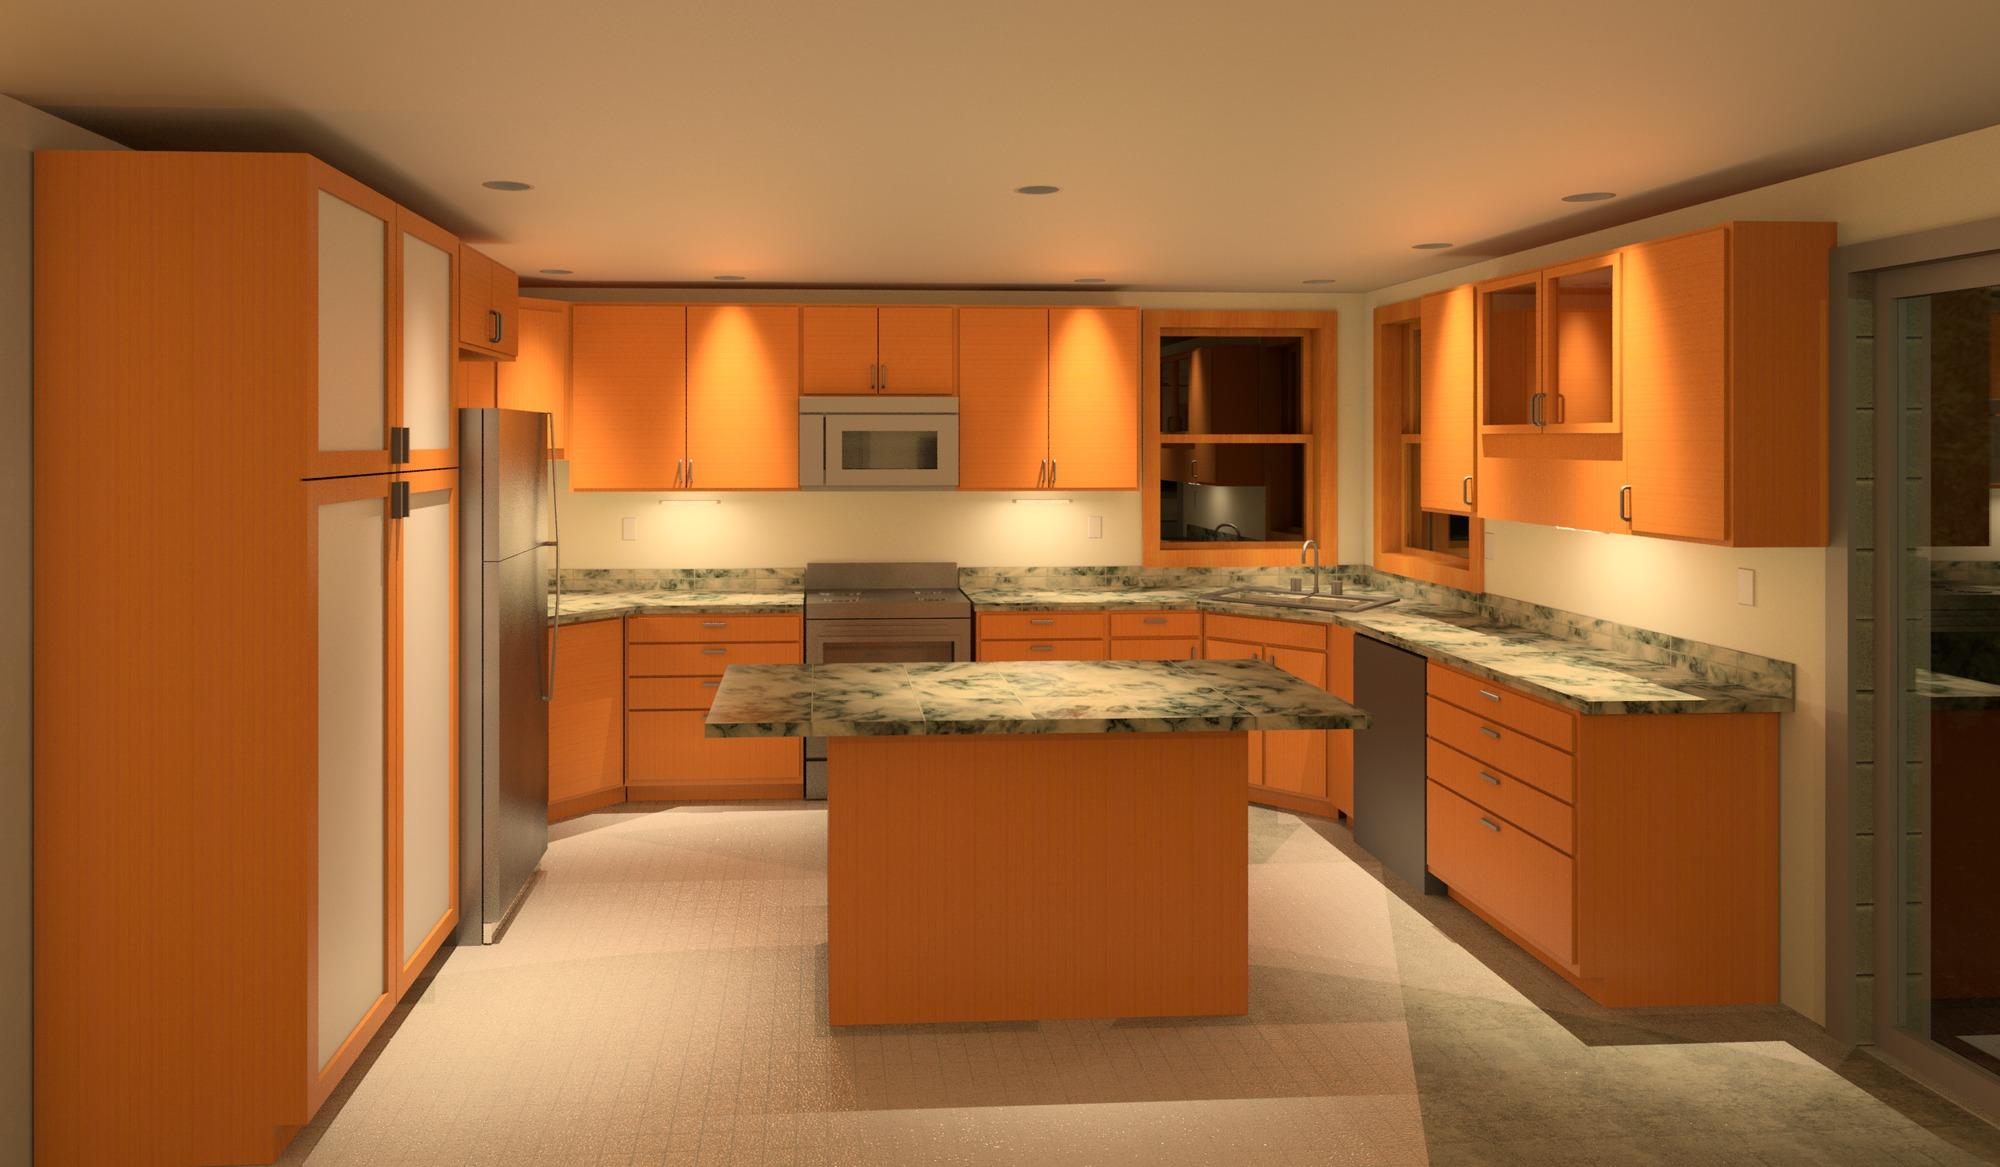 Raas-rendering20141230-21741-y7iq2z